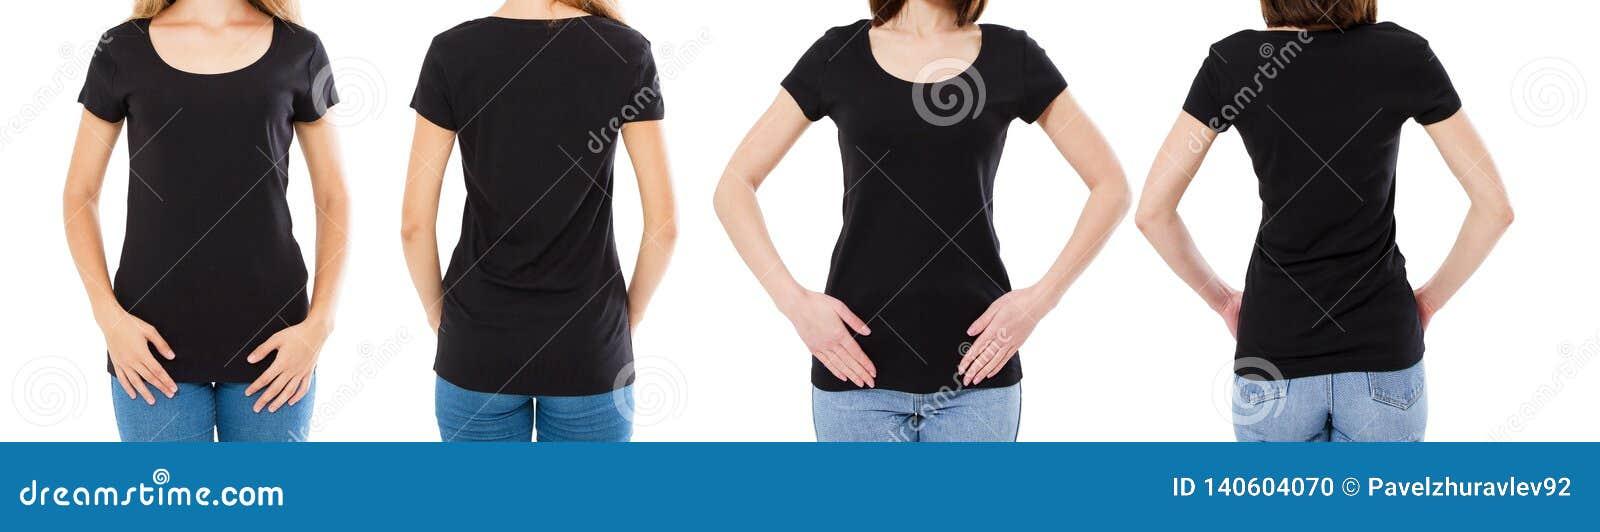 Vrouw twee in zwarte t-shirt: bebouwde beeld voor en achtermening, t-shirtreeks, de spatie van de modelt-shirt